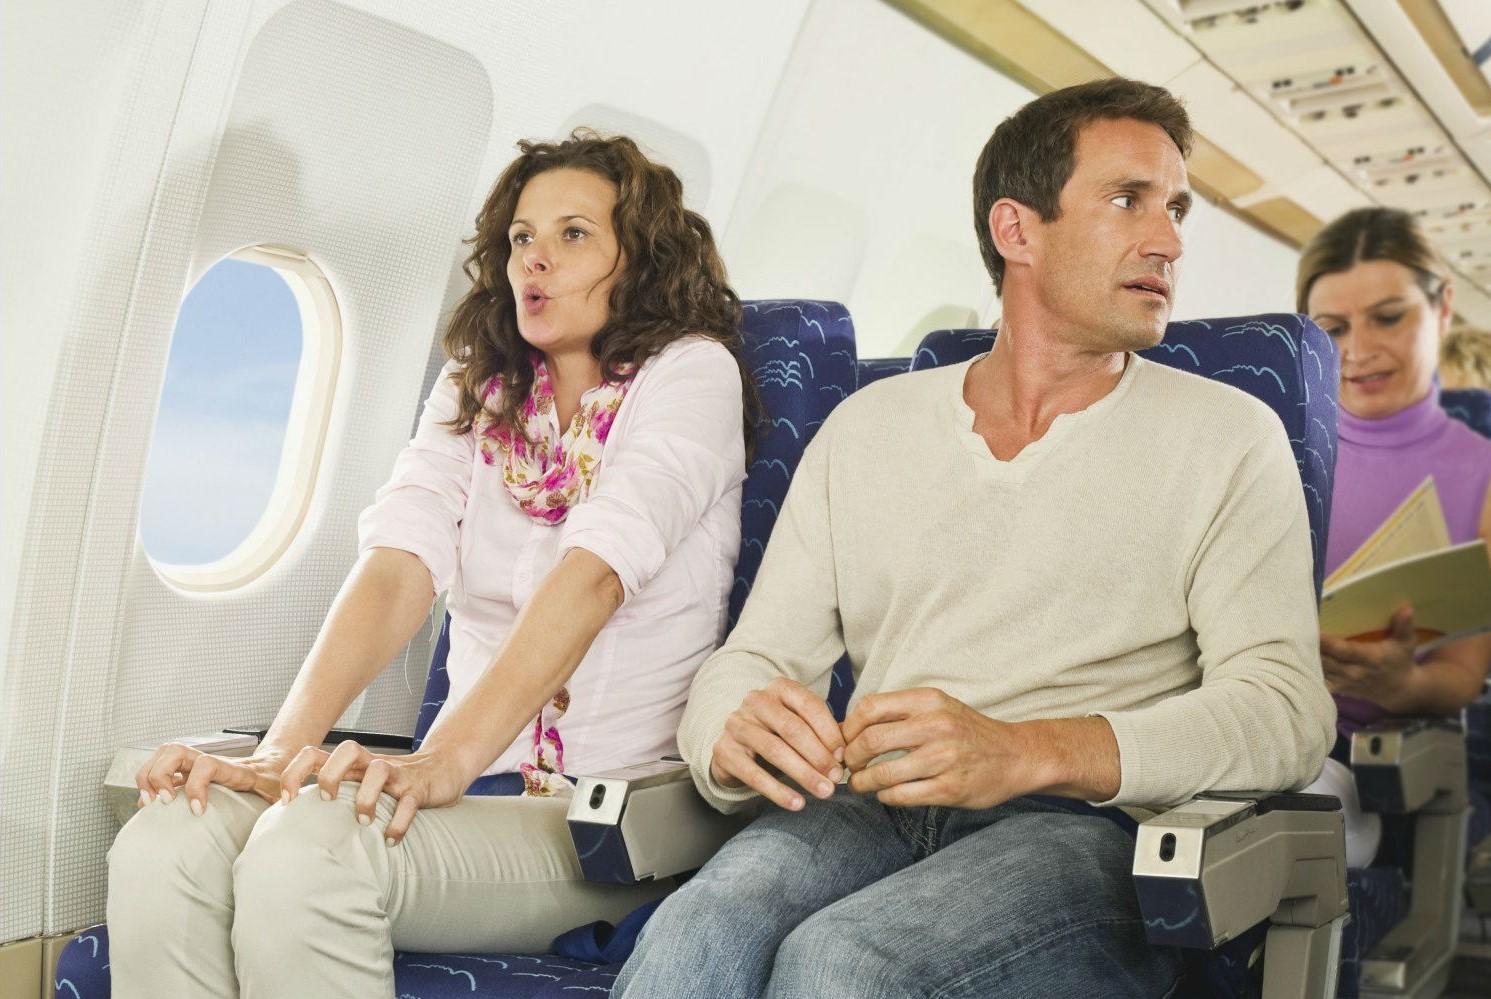 Все время сидеть | 10 вещей, которые лучше не делать на борту | Brain Berries